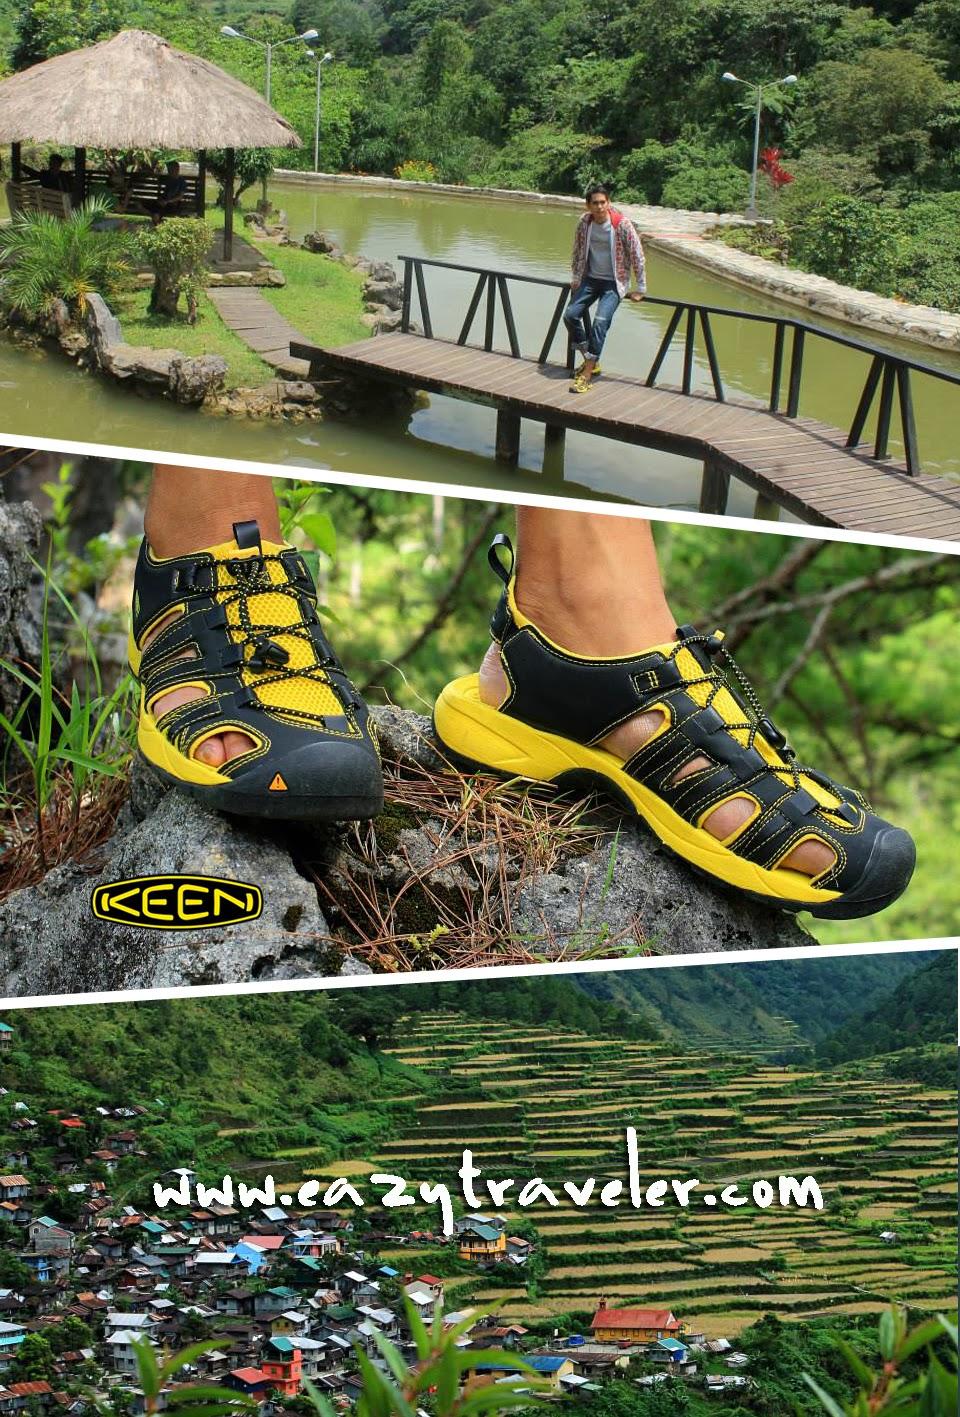 Keen Shoes Kuala Lumpur